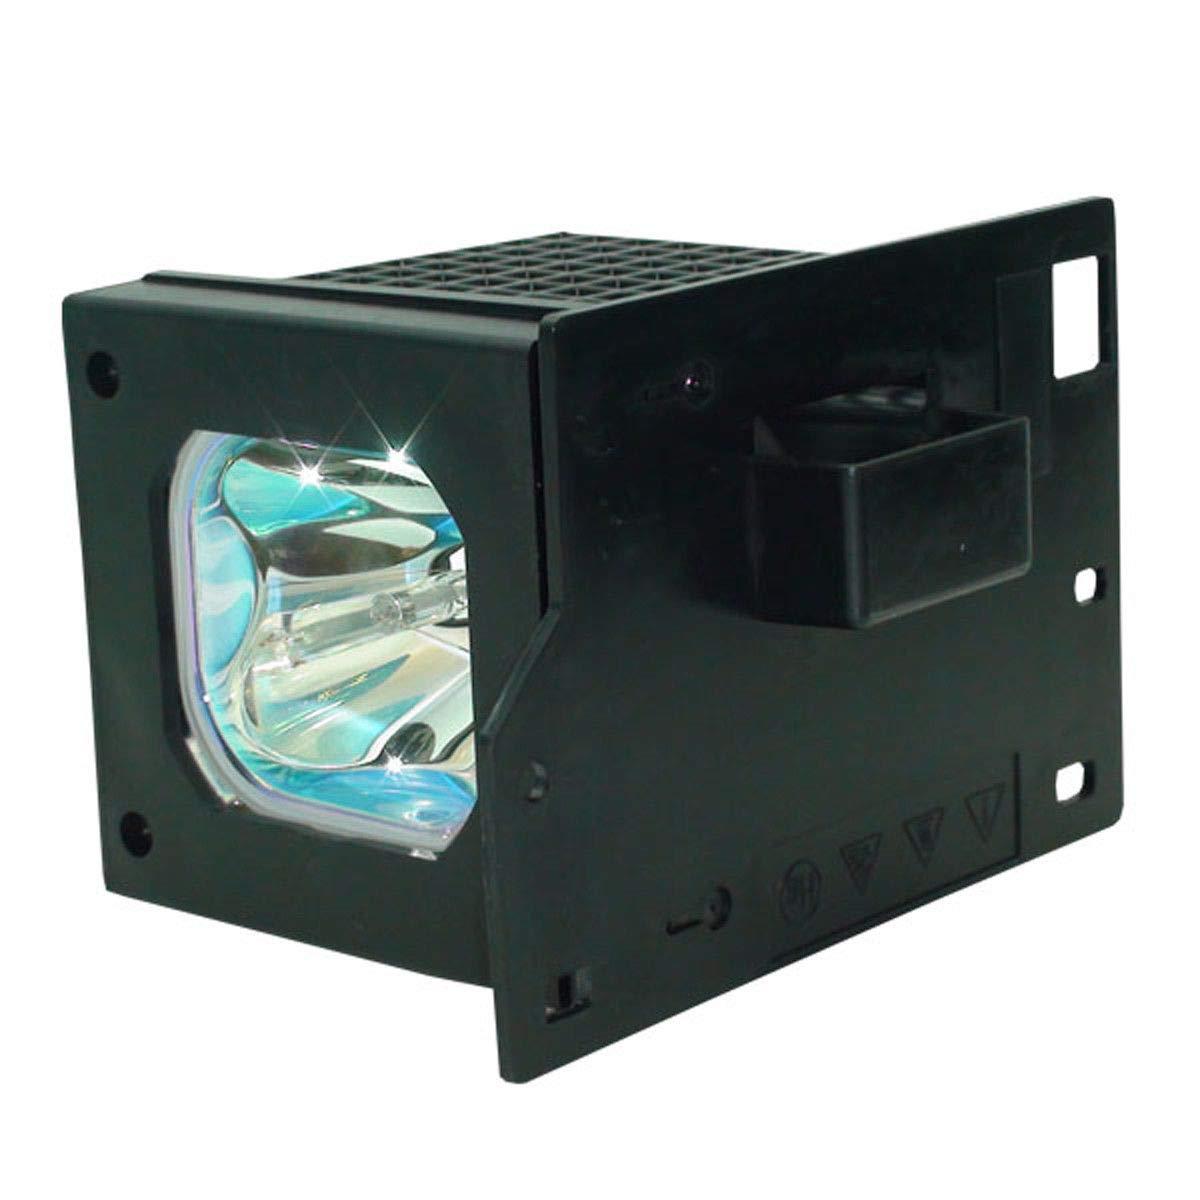 EachLight プロジェクター交換用 ランプ UX-21513/UX21513(互換性のあるランプ) 日立 Hitachi 42V515/ 42V525/ 42V710/ 42V715/ 50C10/ 50V500G/ 50V525E/ 50V710/ 50V715/ 60V525E/ 60V710/ 60V715 対応 [180日保証]   B07JQZZ44C